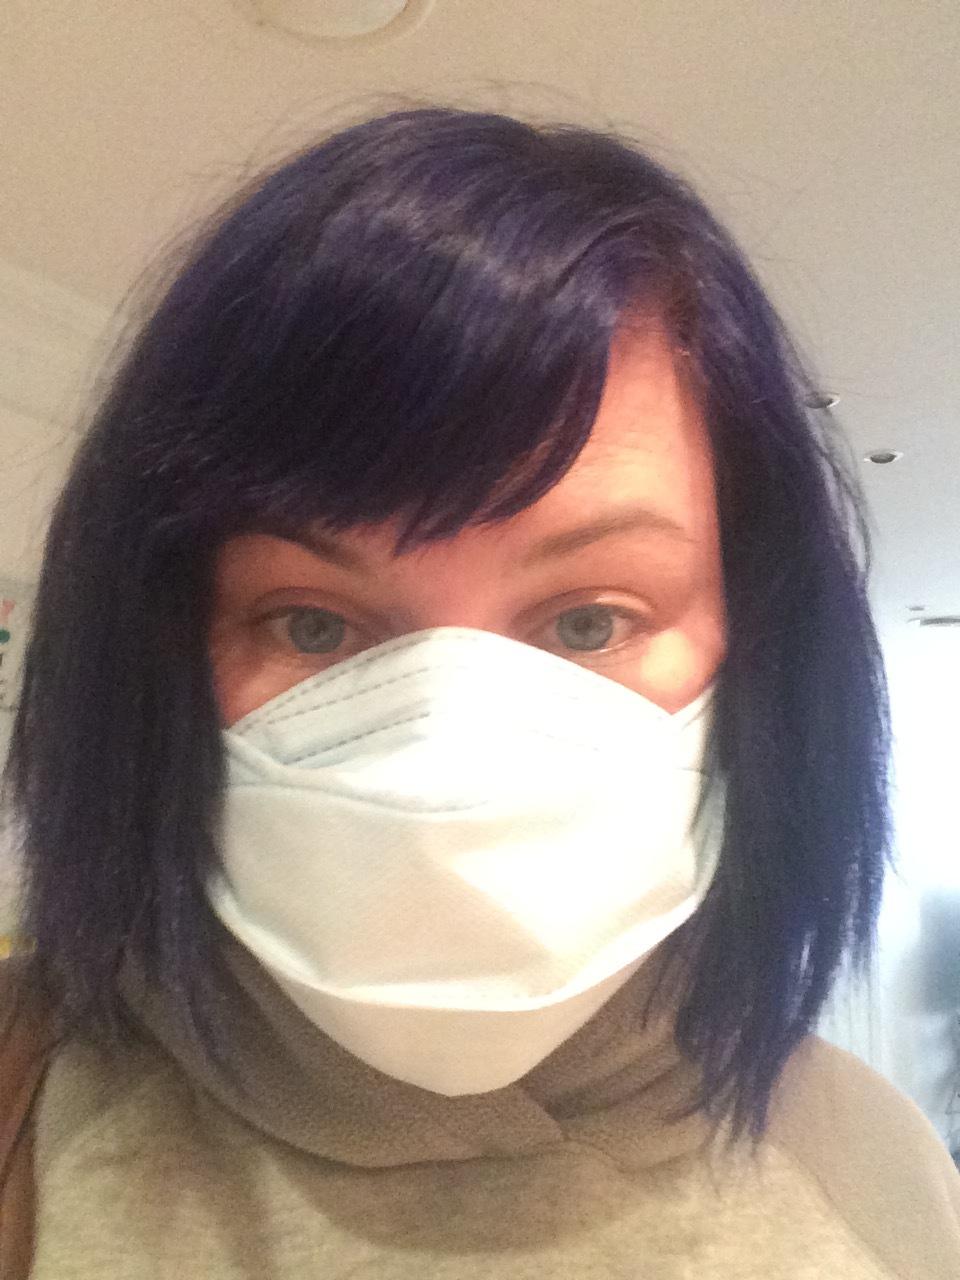 Me before leaving for eMart yesterday. Shredder mask 4EVA.